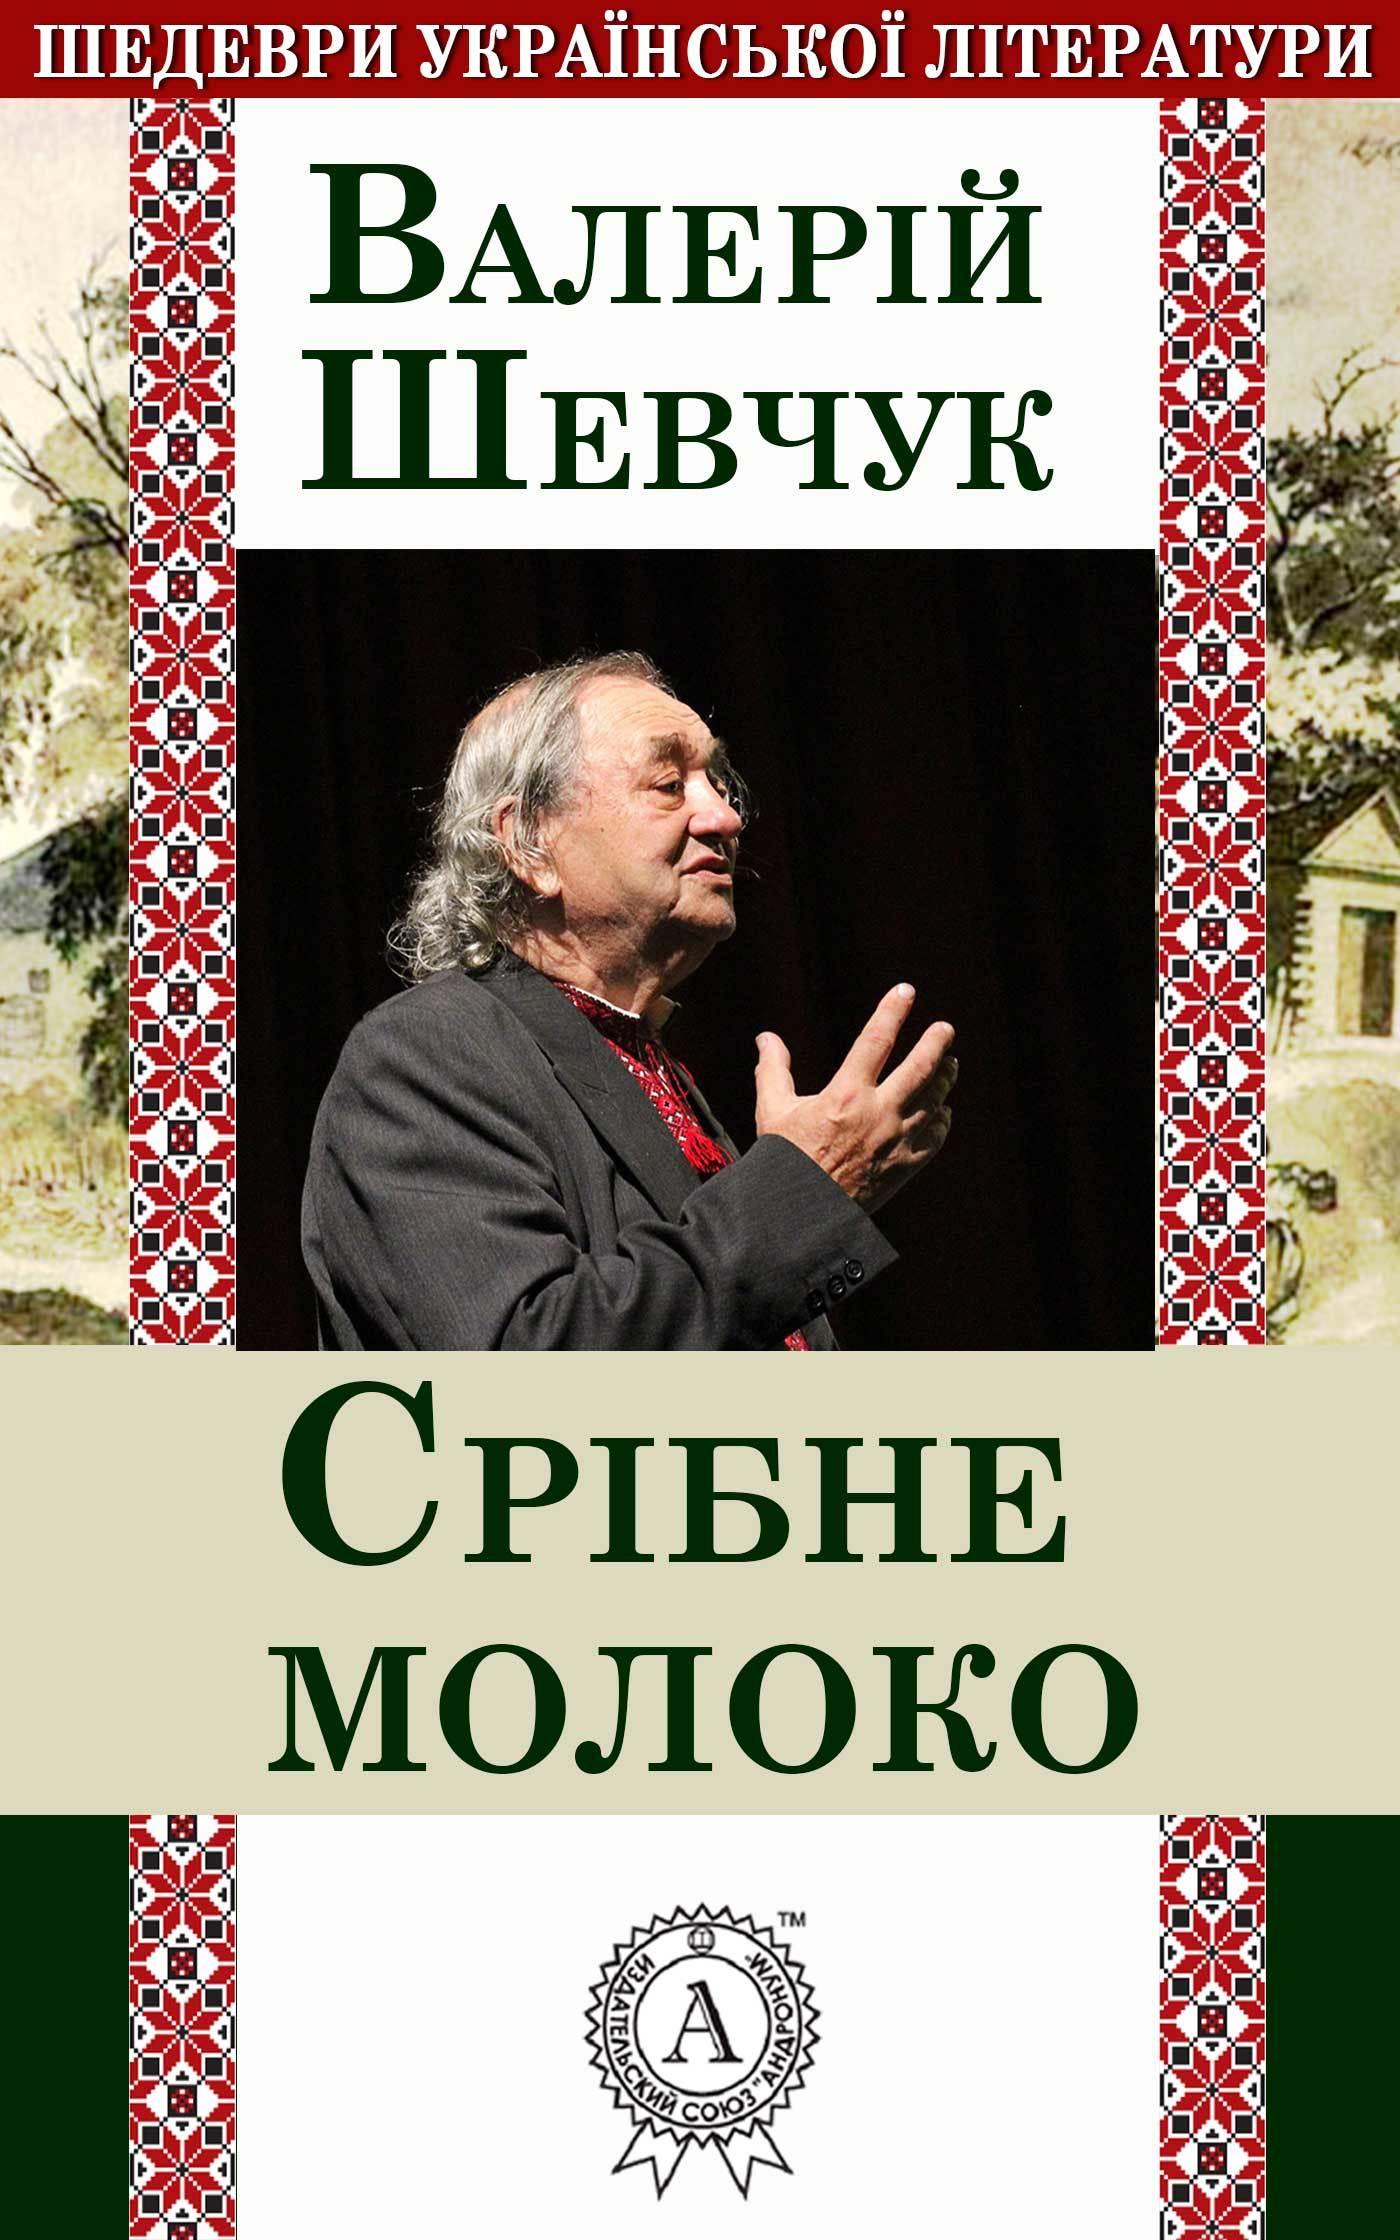 Валерій Шевчук Срібне молоко валерій шевчук дім на горі